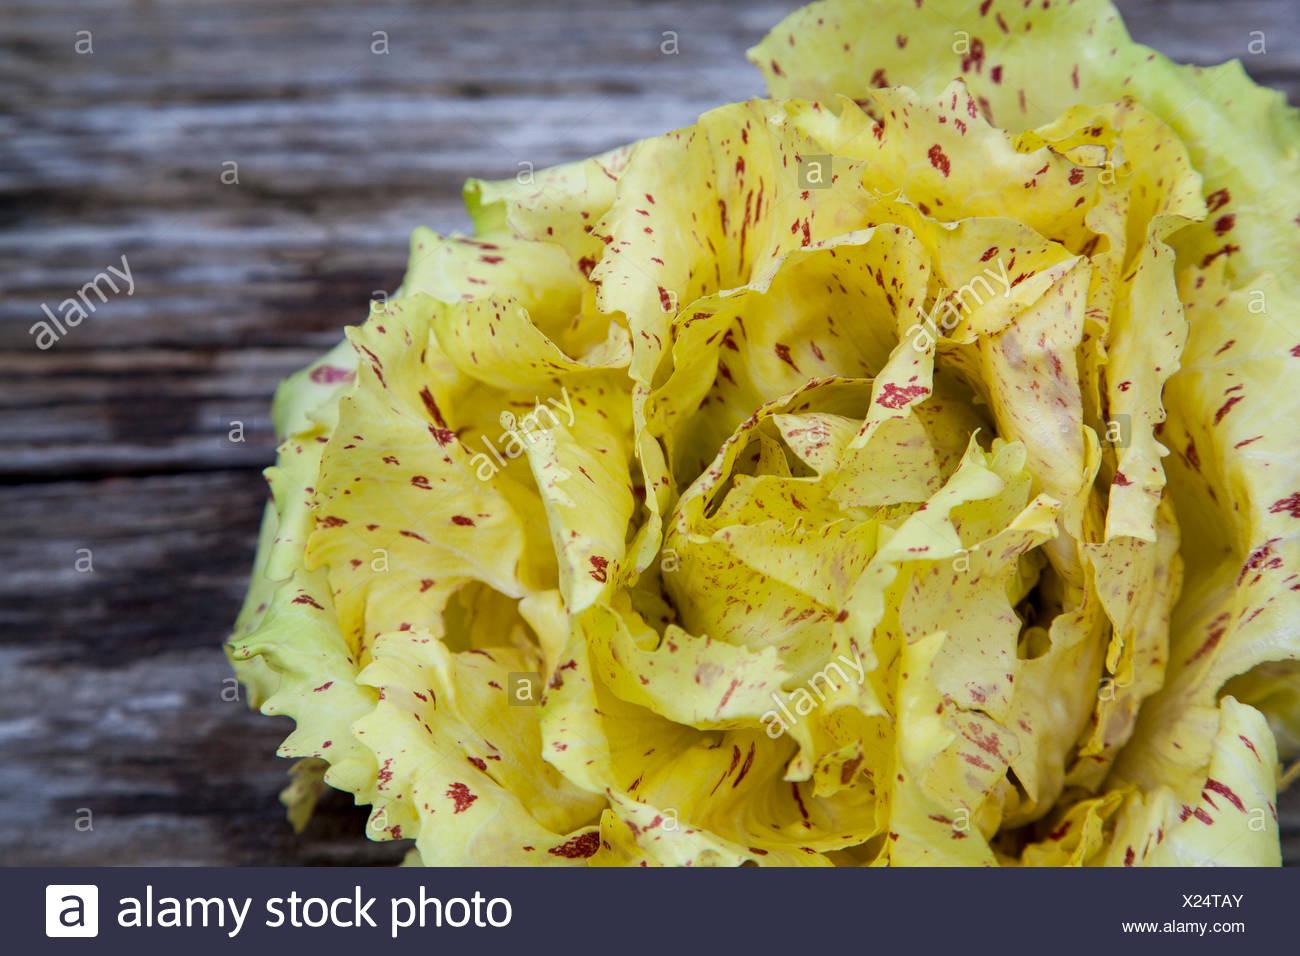 Castelfranco radicchio lettuce - Stock Image